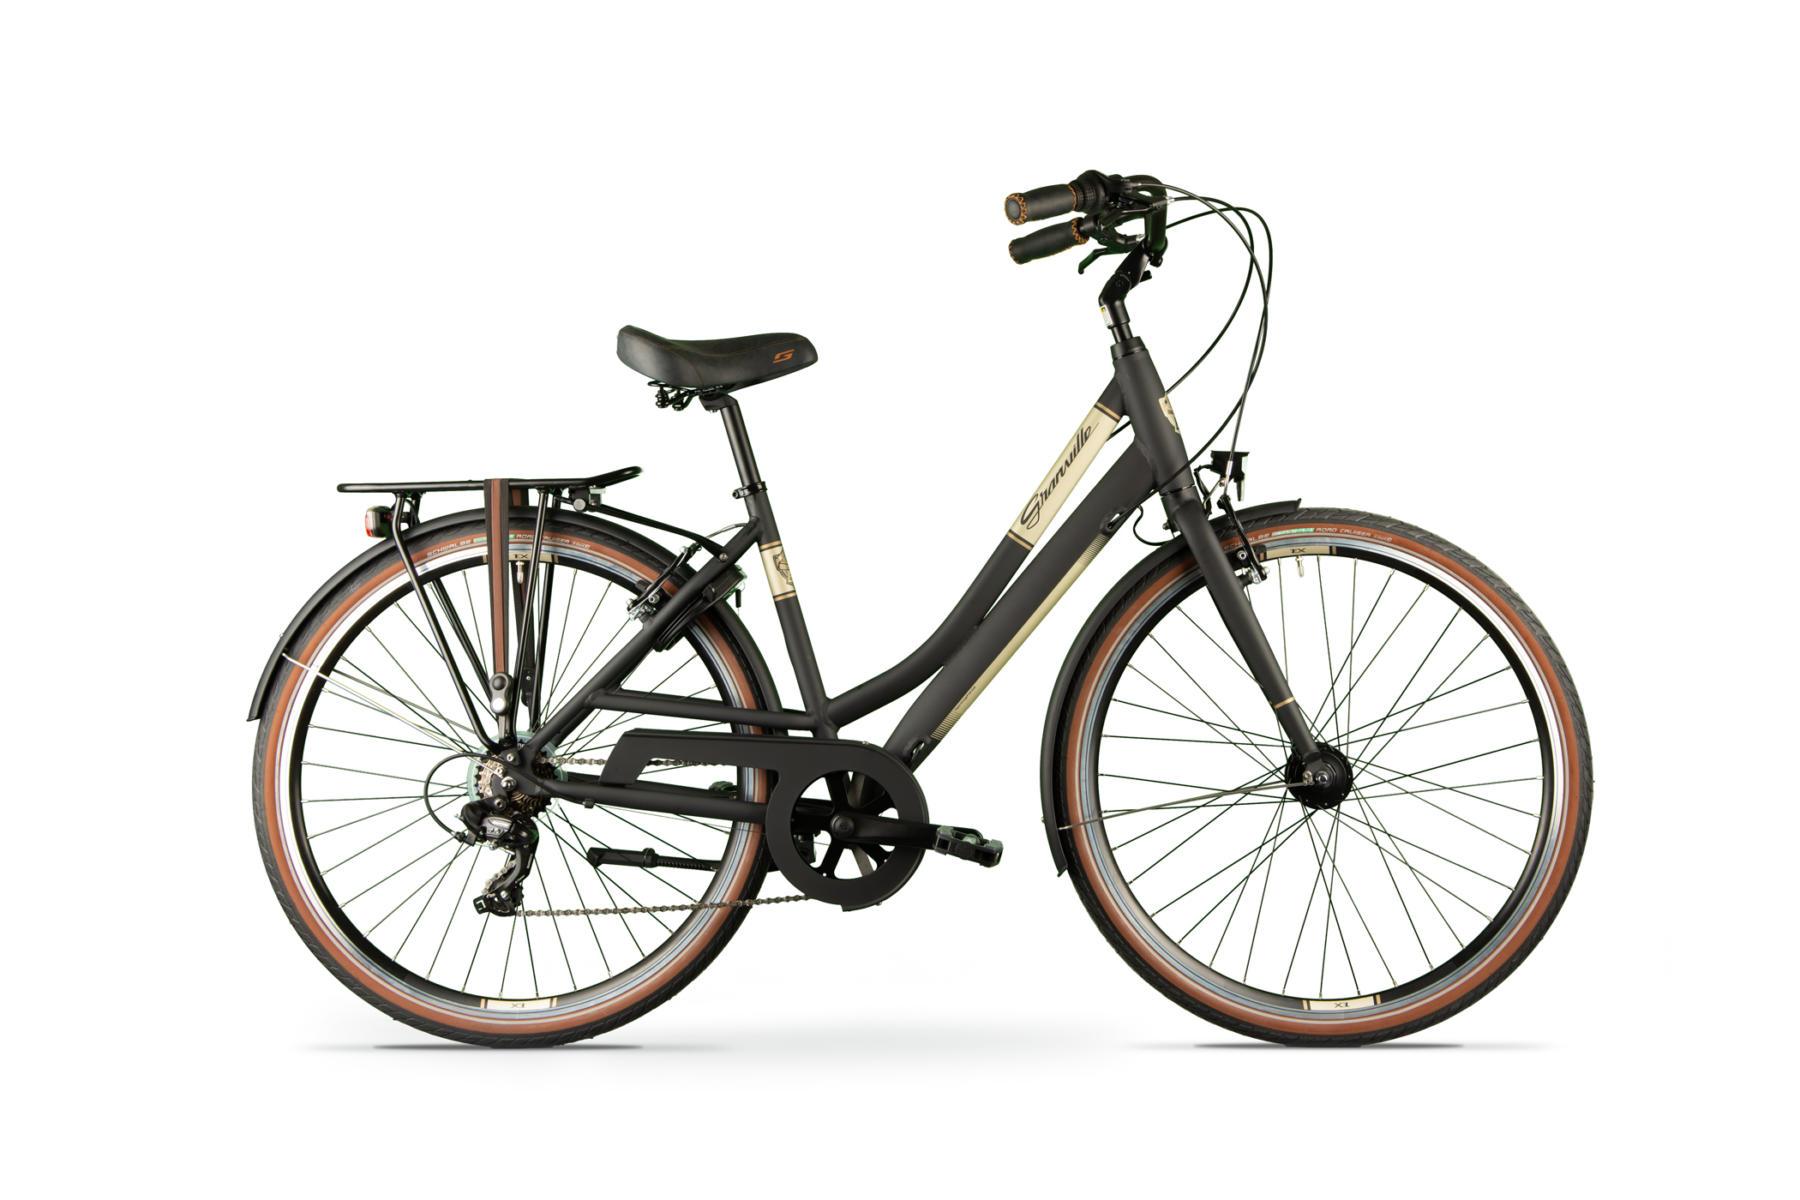 Springfield-7-All-Bikes-Putte-Ludwig-Wynants-racefietsen-elektrische-fietsen-mountainbikes-koersfiets-kopen-herstellingen